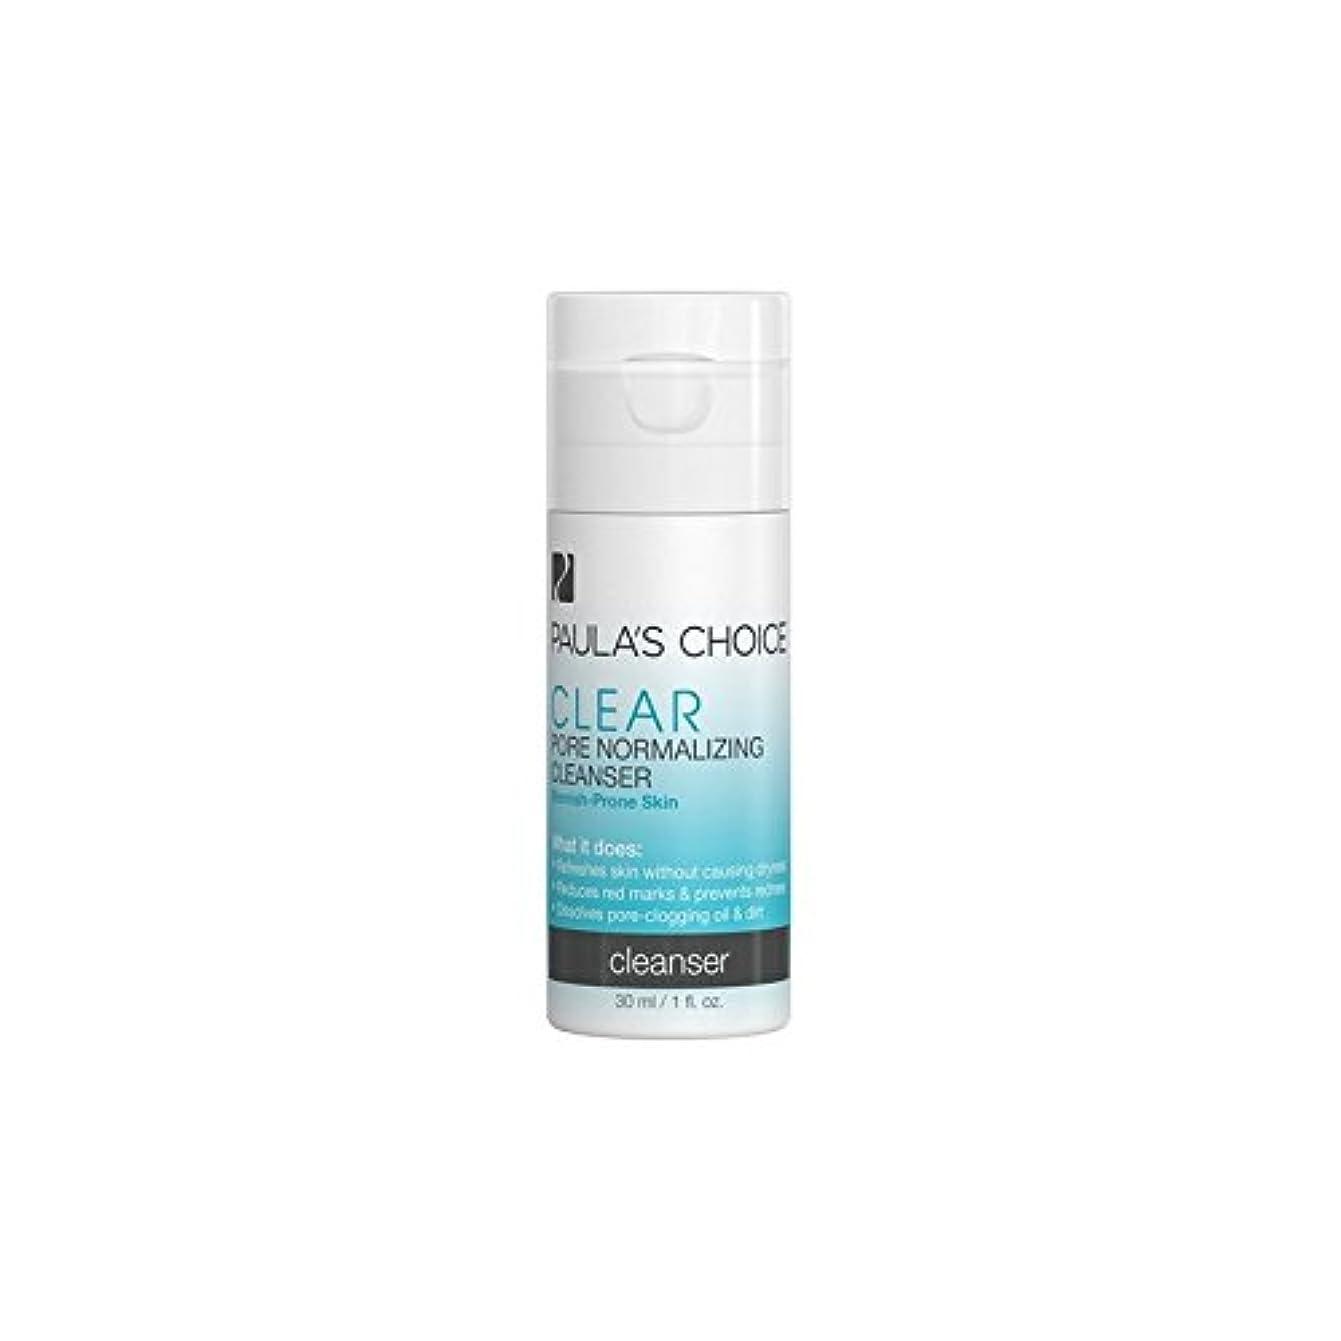 モニター蒸気住人Paula's Choice Clear Pore Normalizing Cleanser - Trial Size (30ml) (Pack of 6) - ポーラチョイス明確な細孔正規クレンザー - お試しサイズ(...